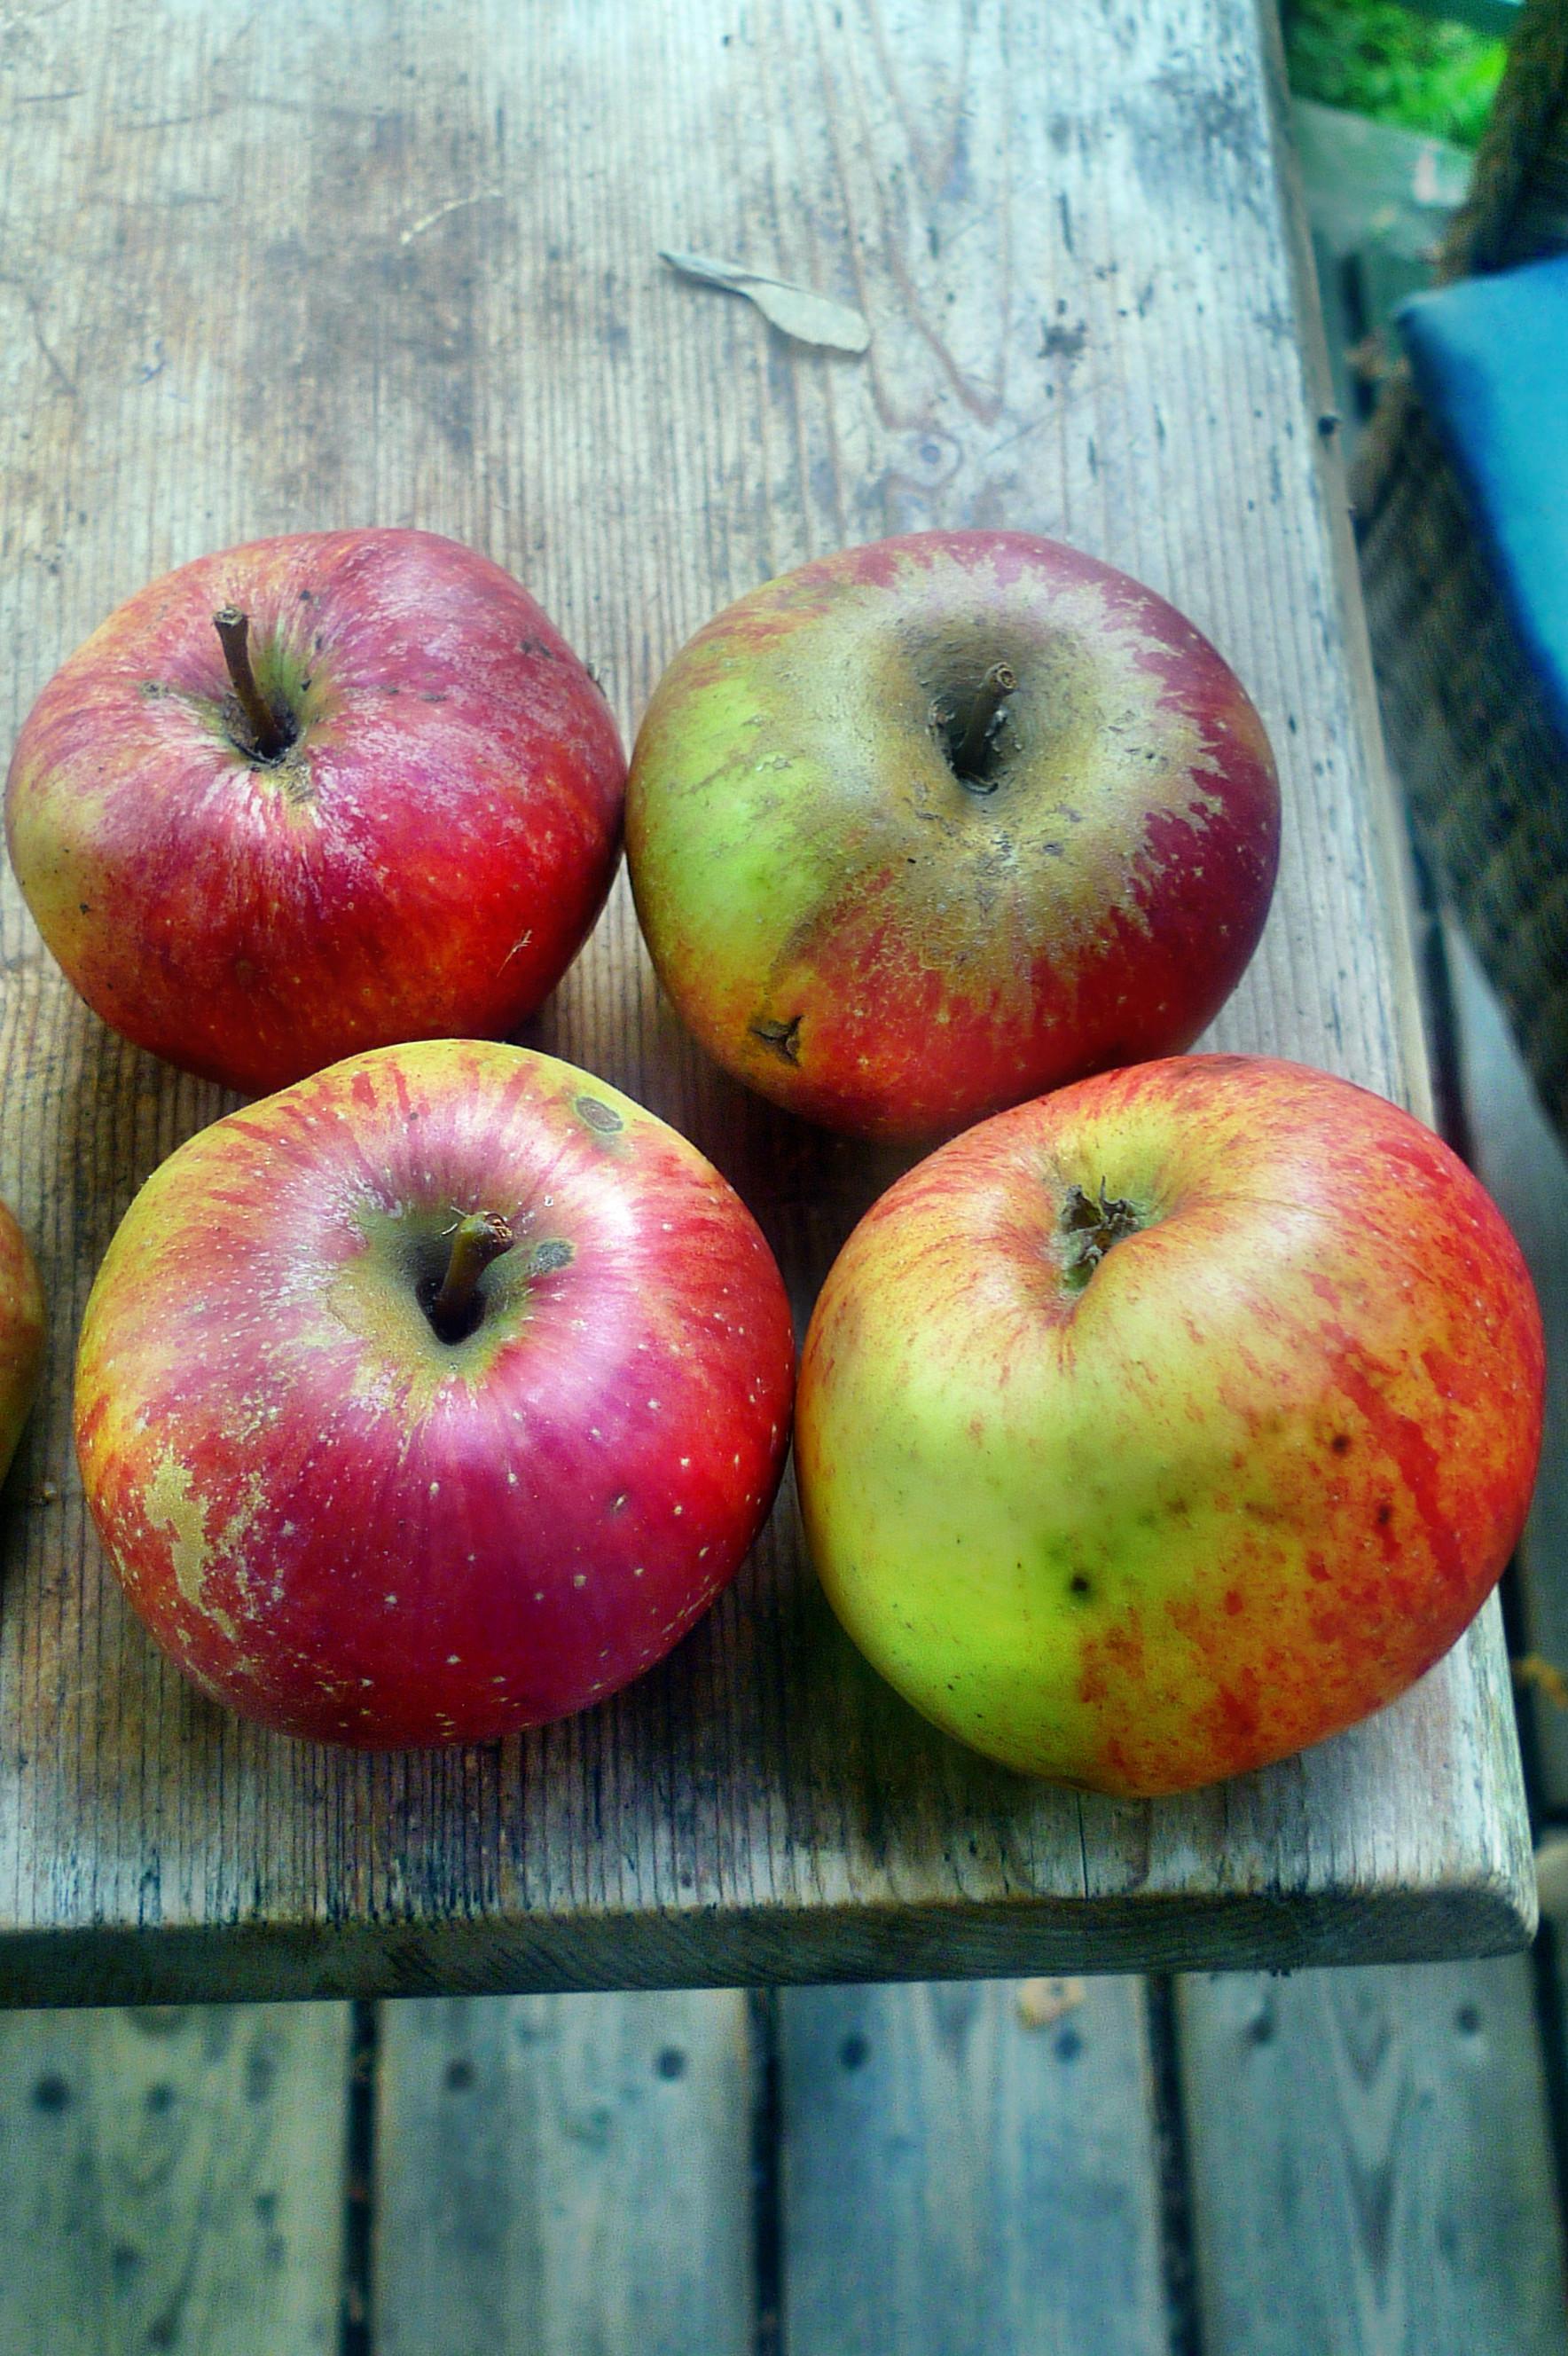 Äpfel- 27.9.14 - (8)